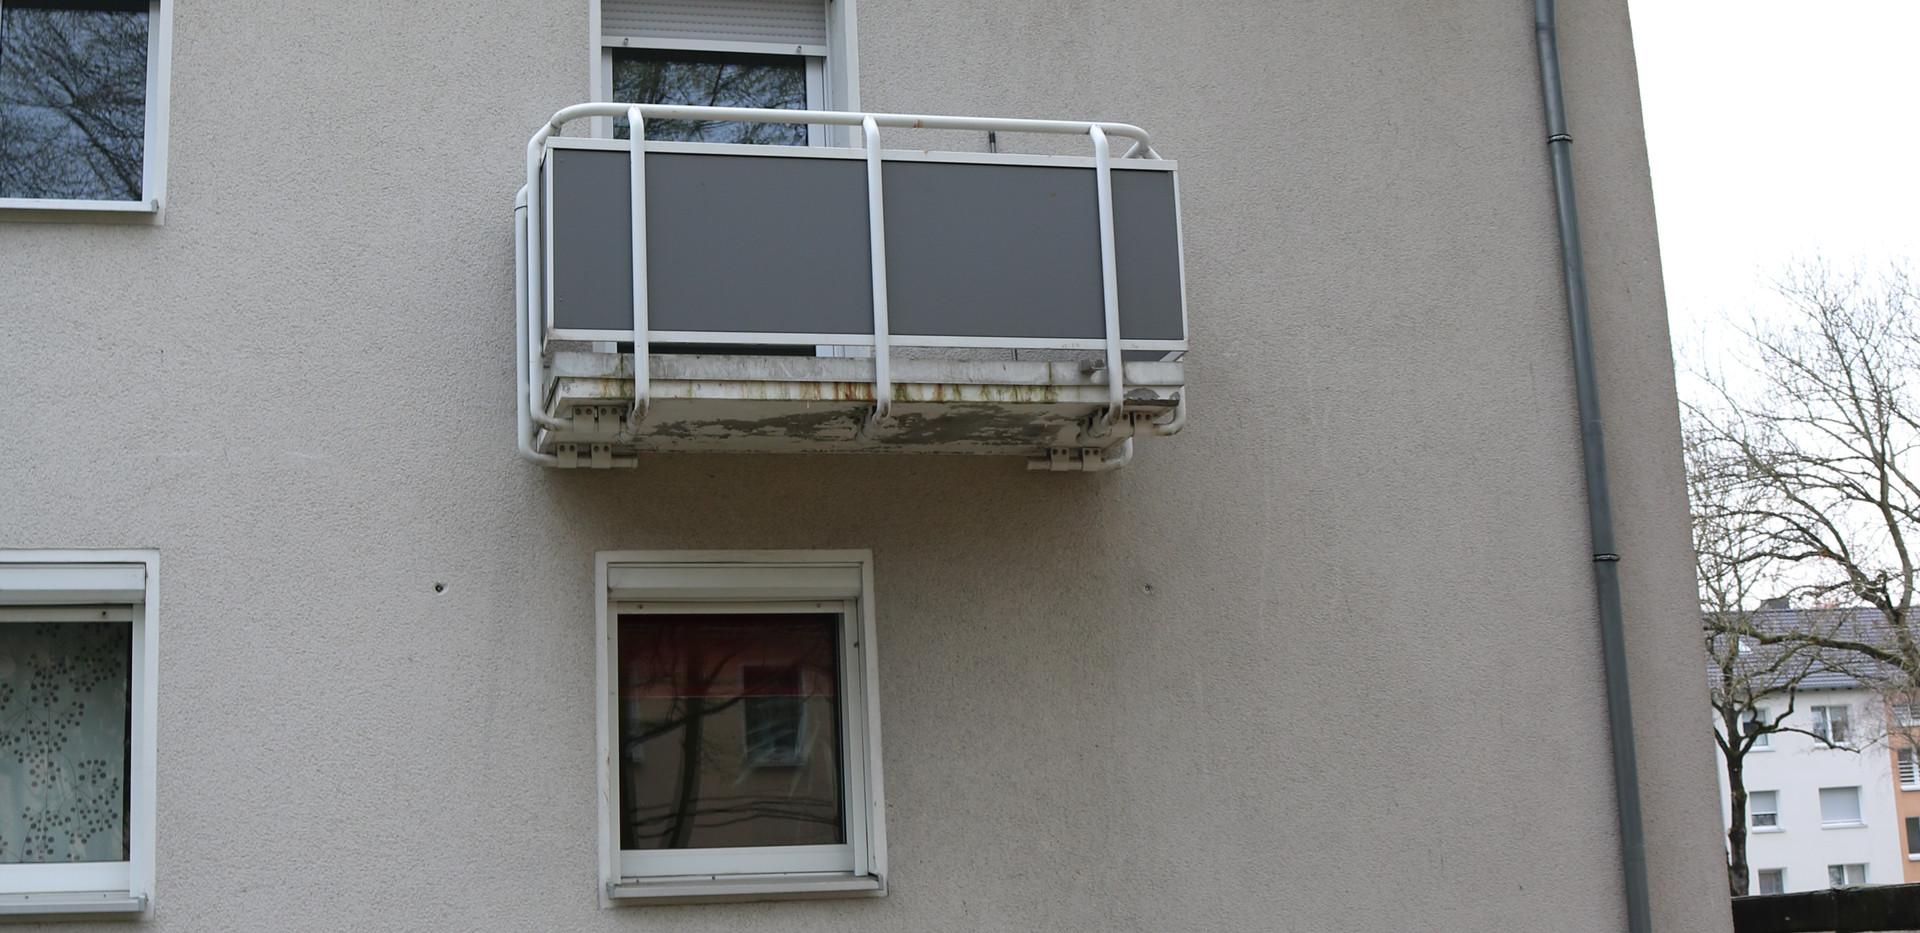 Die Wohnung befindet sich im Dachgeschoss der Liegenschaft